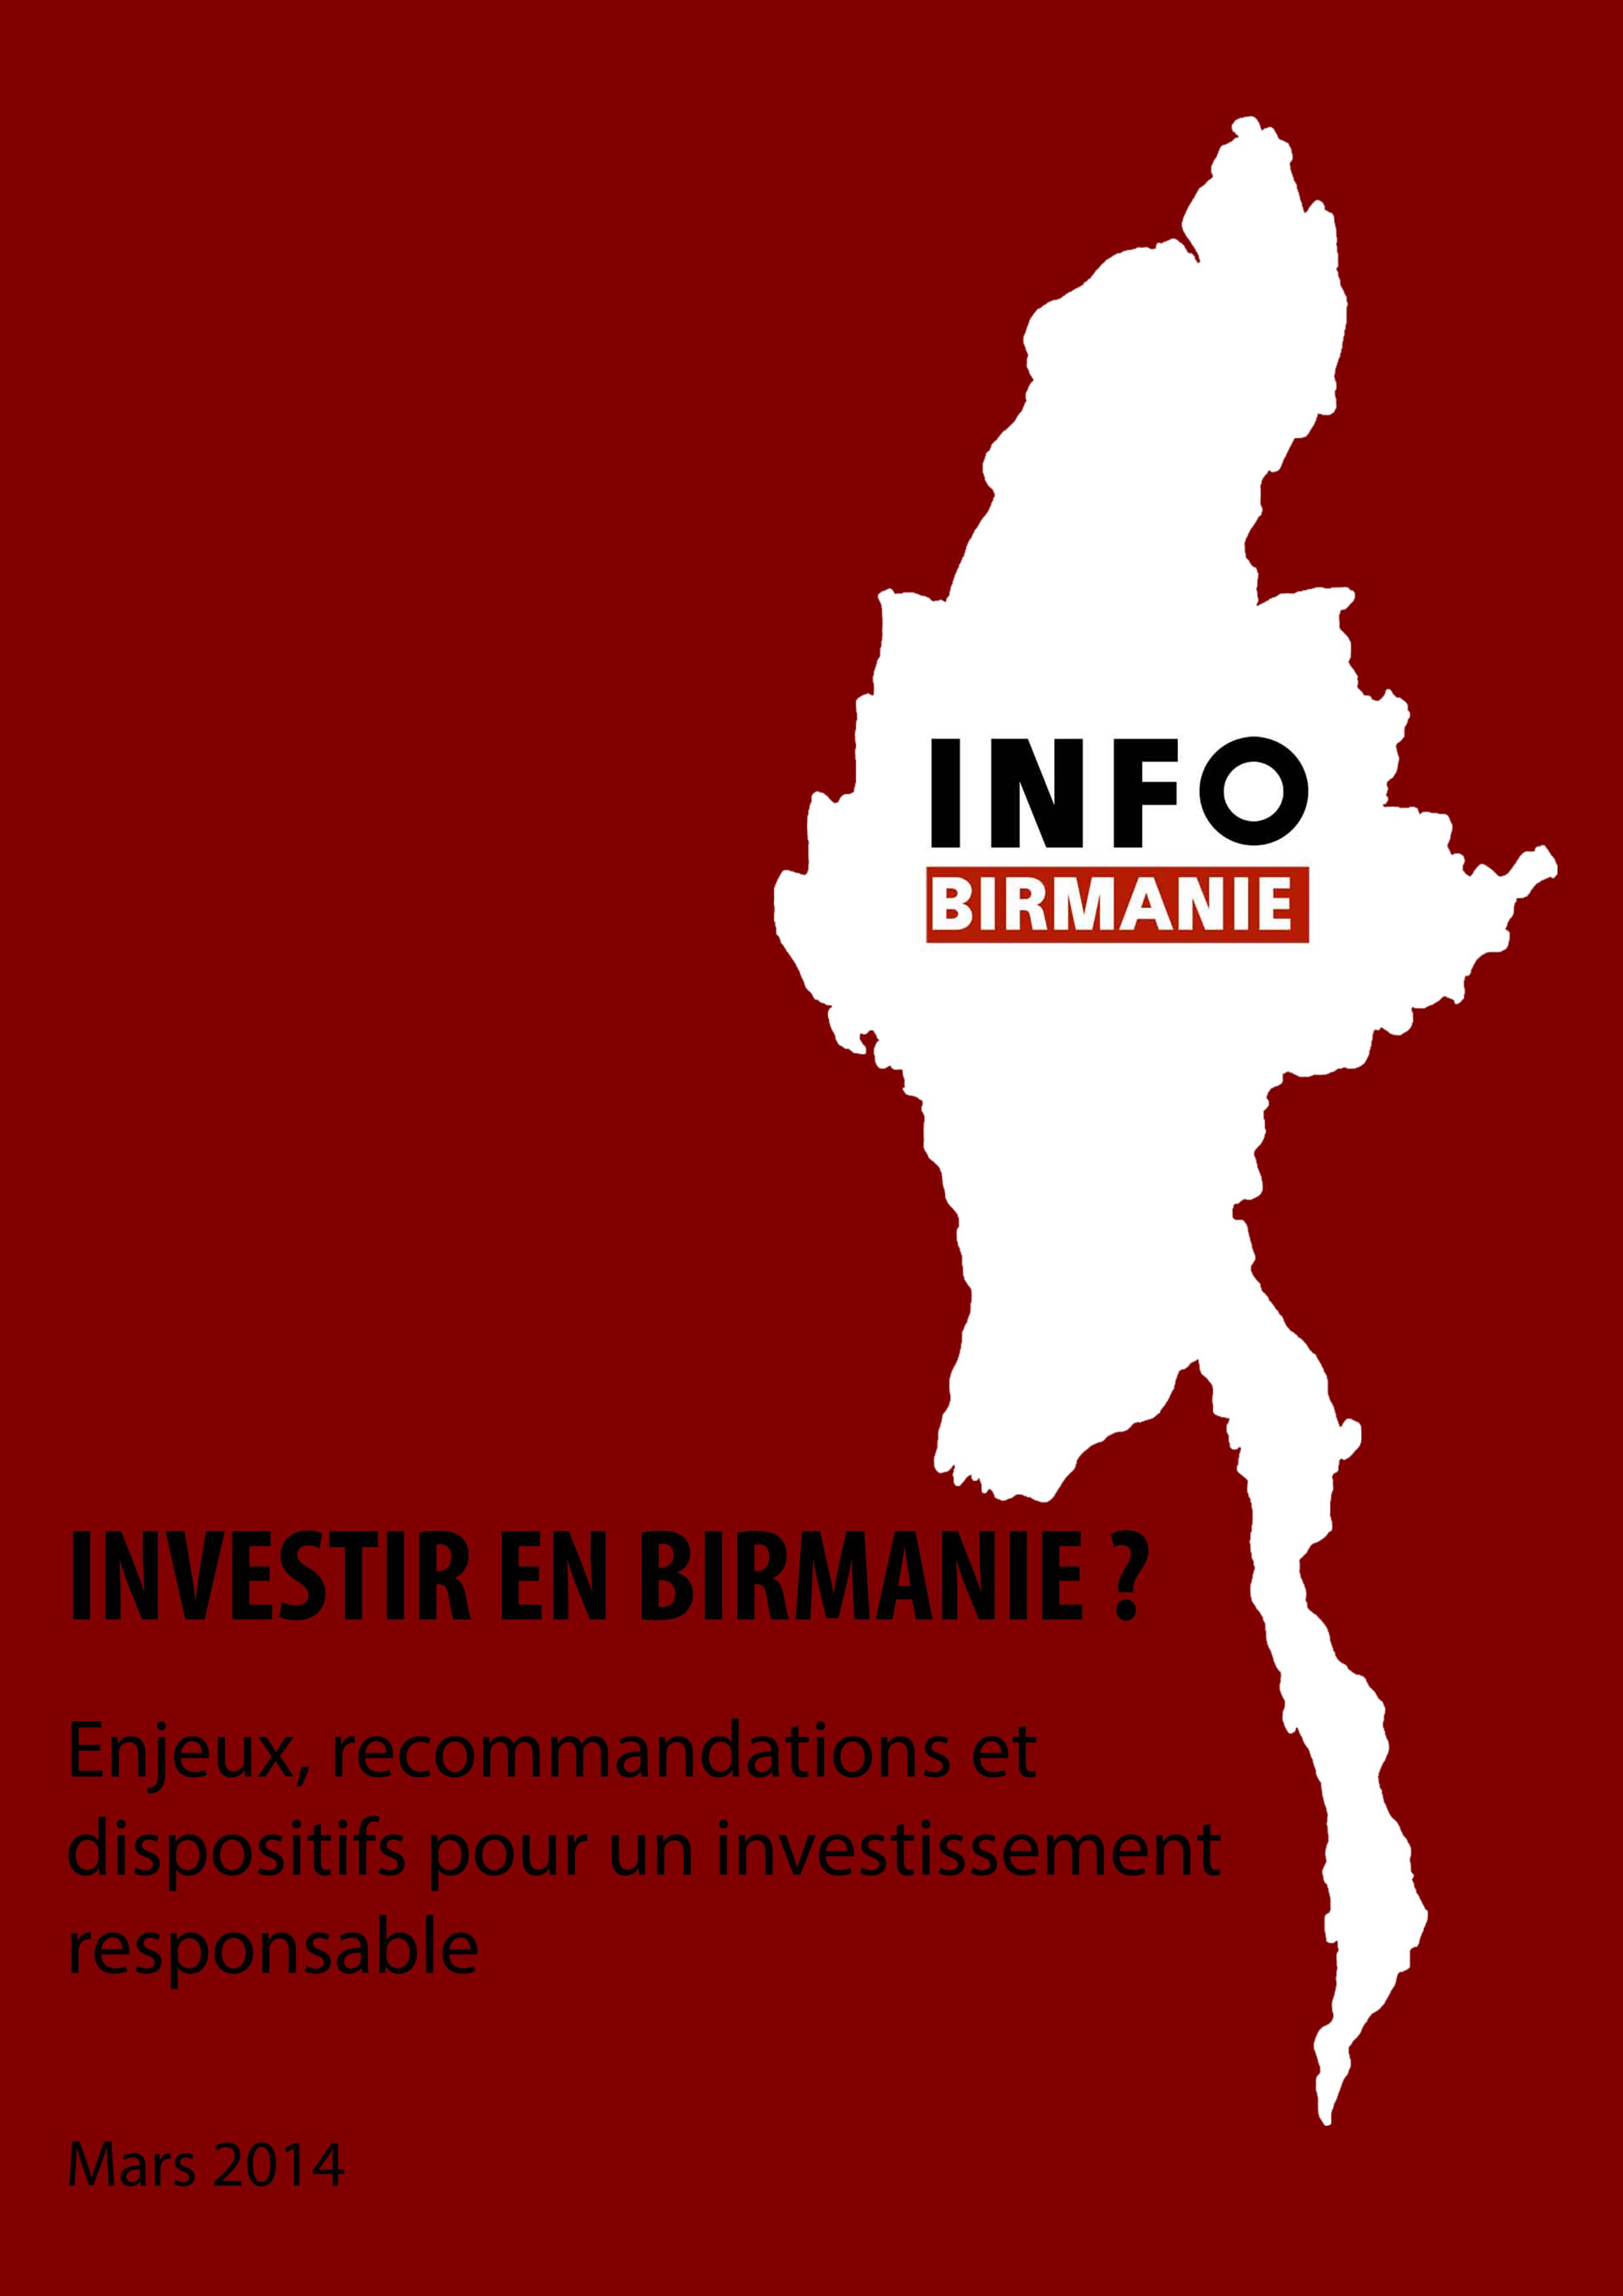 Guide de l'investissement responsable : investir en Birmanie ?  enjeux et recommandations